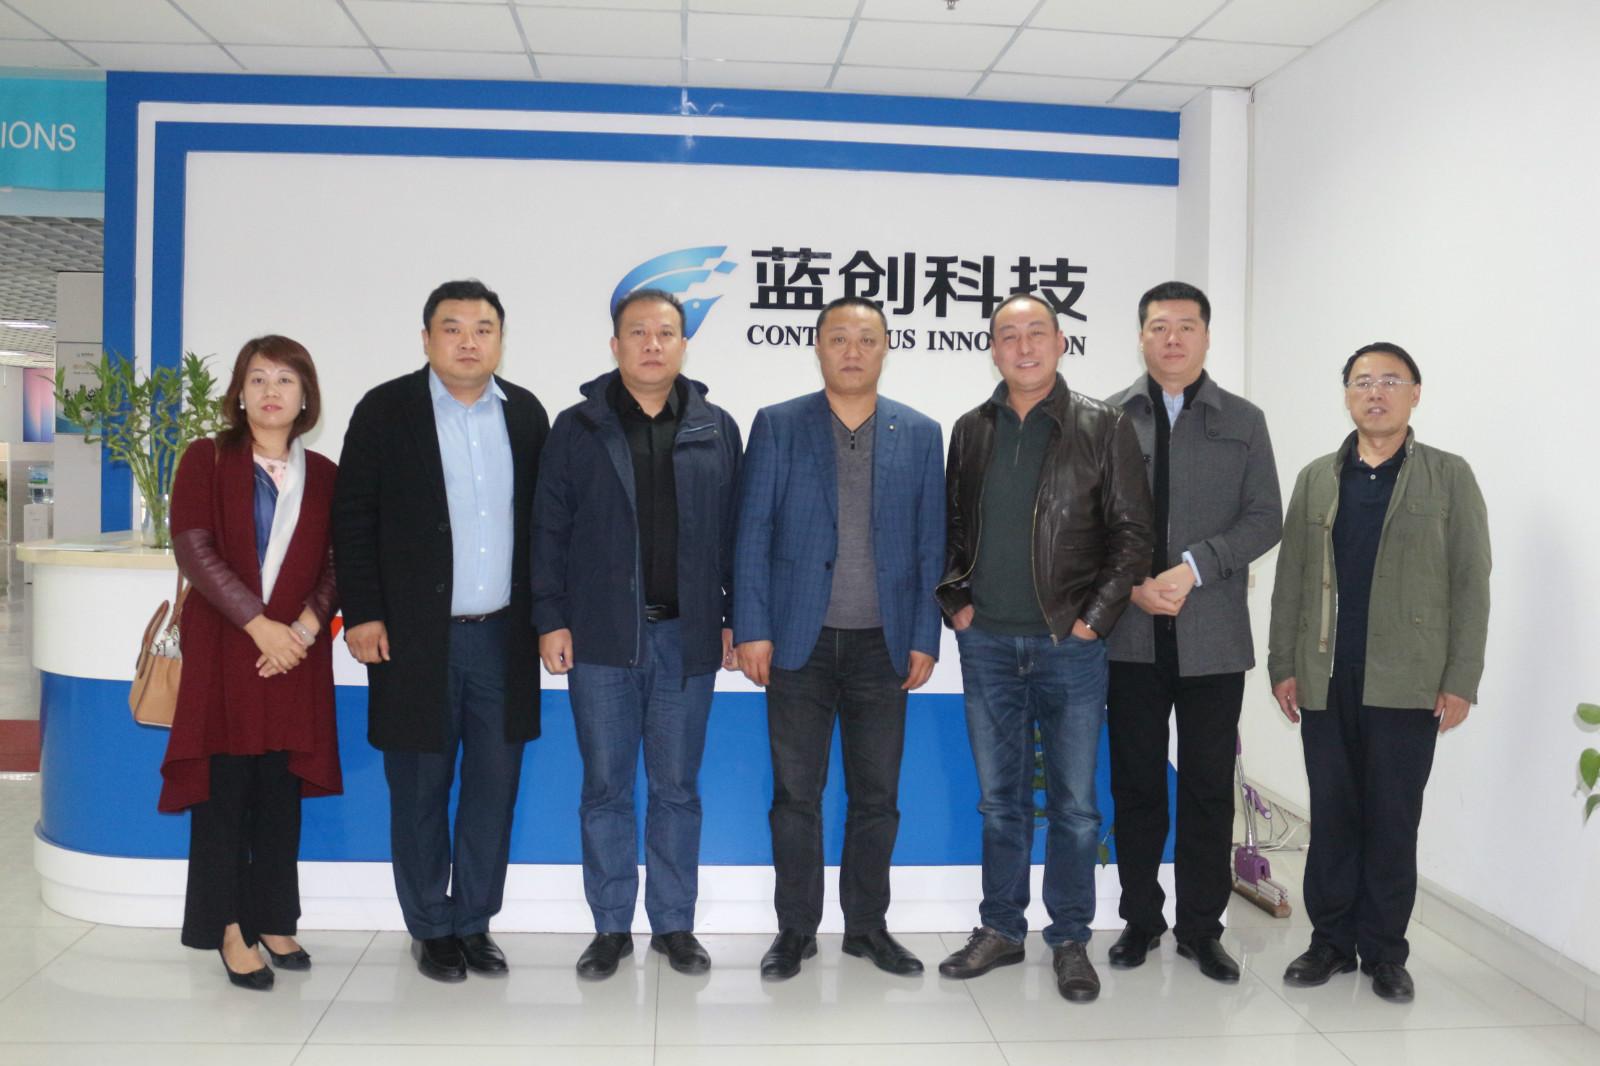 中船重工(武漢)凌久高科有限公司事業部總經理陳奇武一行參觀考察藍創科技